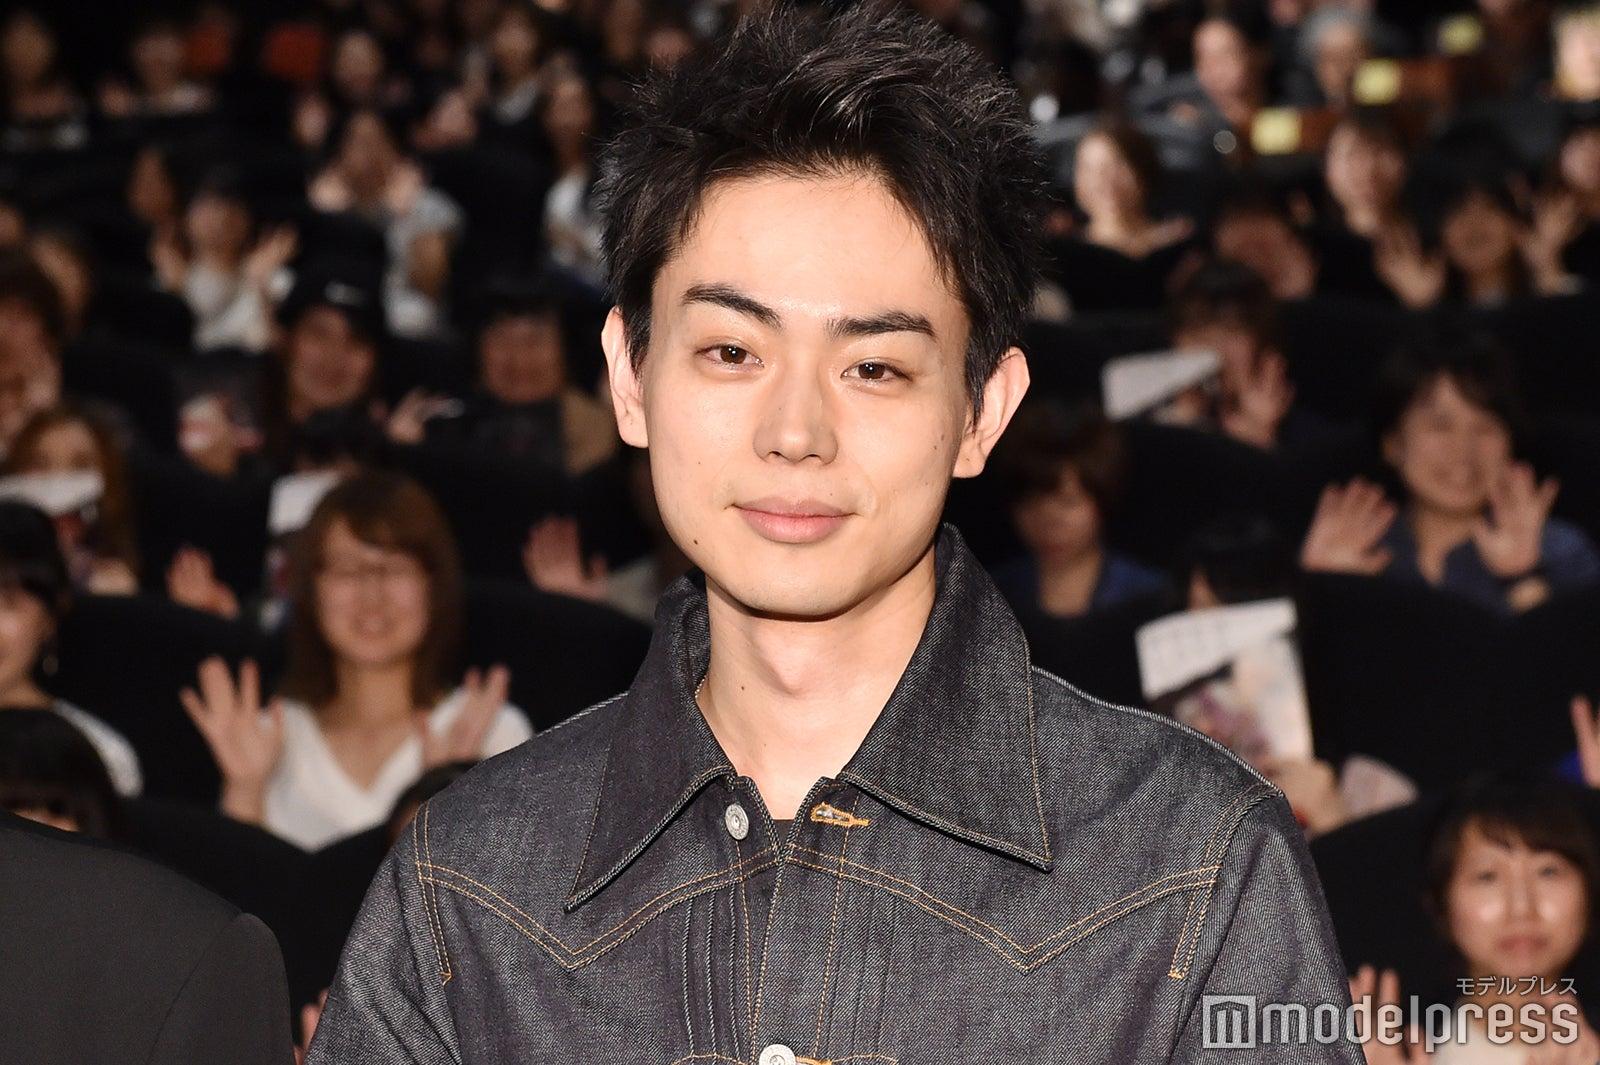 菅田将暉、黒髪短髪にイメチェン話題「新鮮」「可愛くなってる